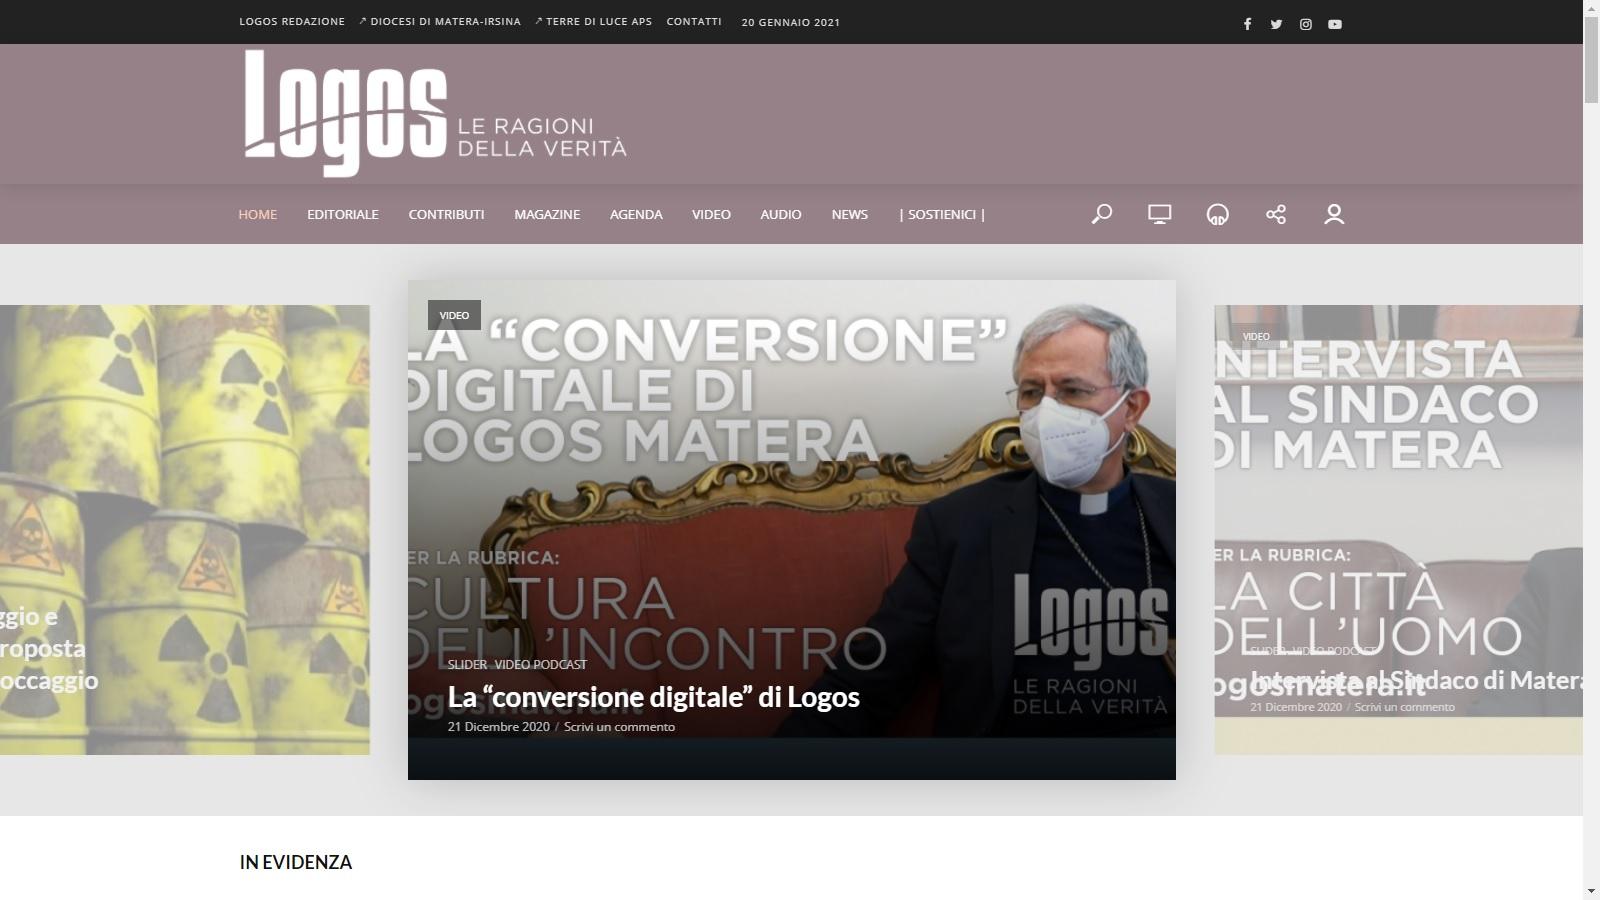 lunedi-25-gennaio-alle-ore-10,-presso-l'episcopio-in-piazza-duomo-a-matera-la-presentazione-del-nuovo-giornale-diocesano-logos